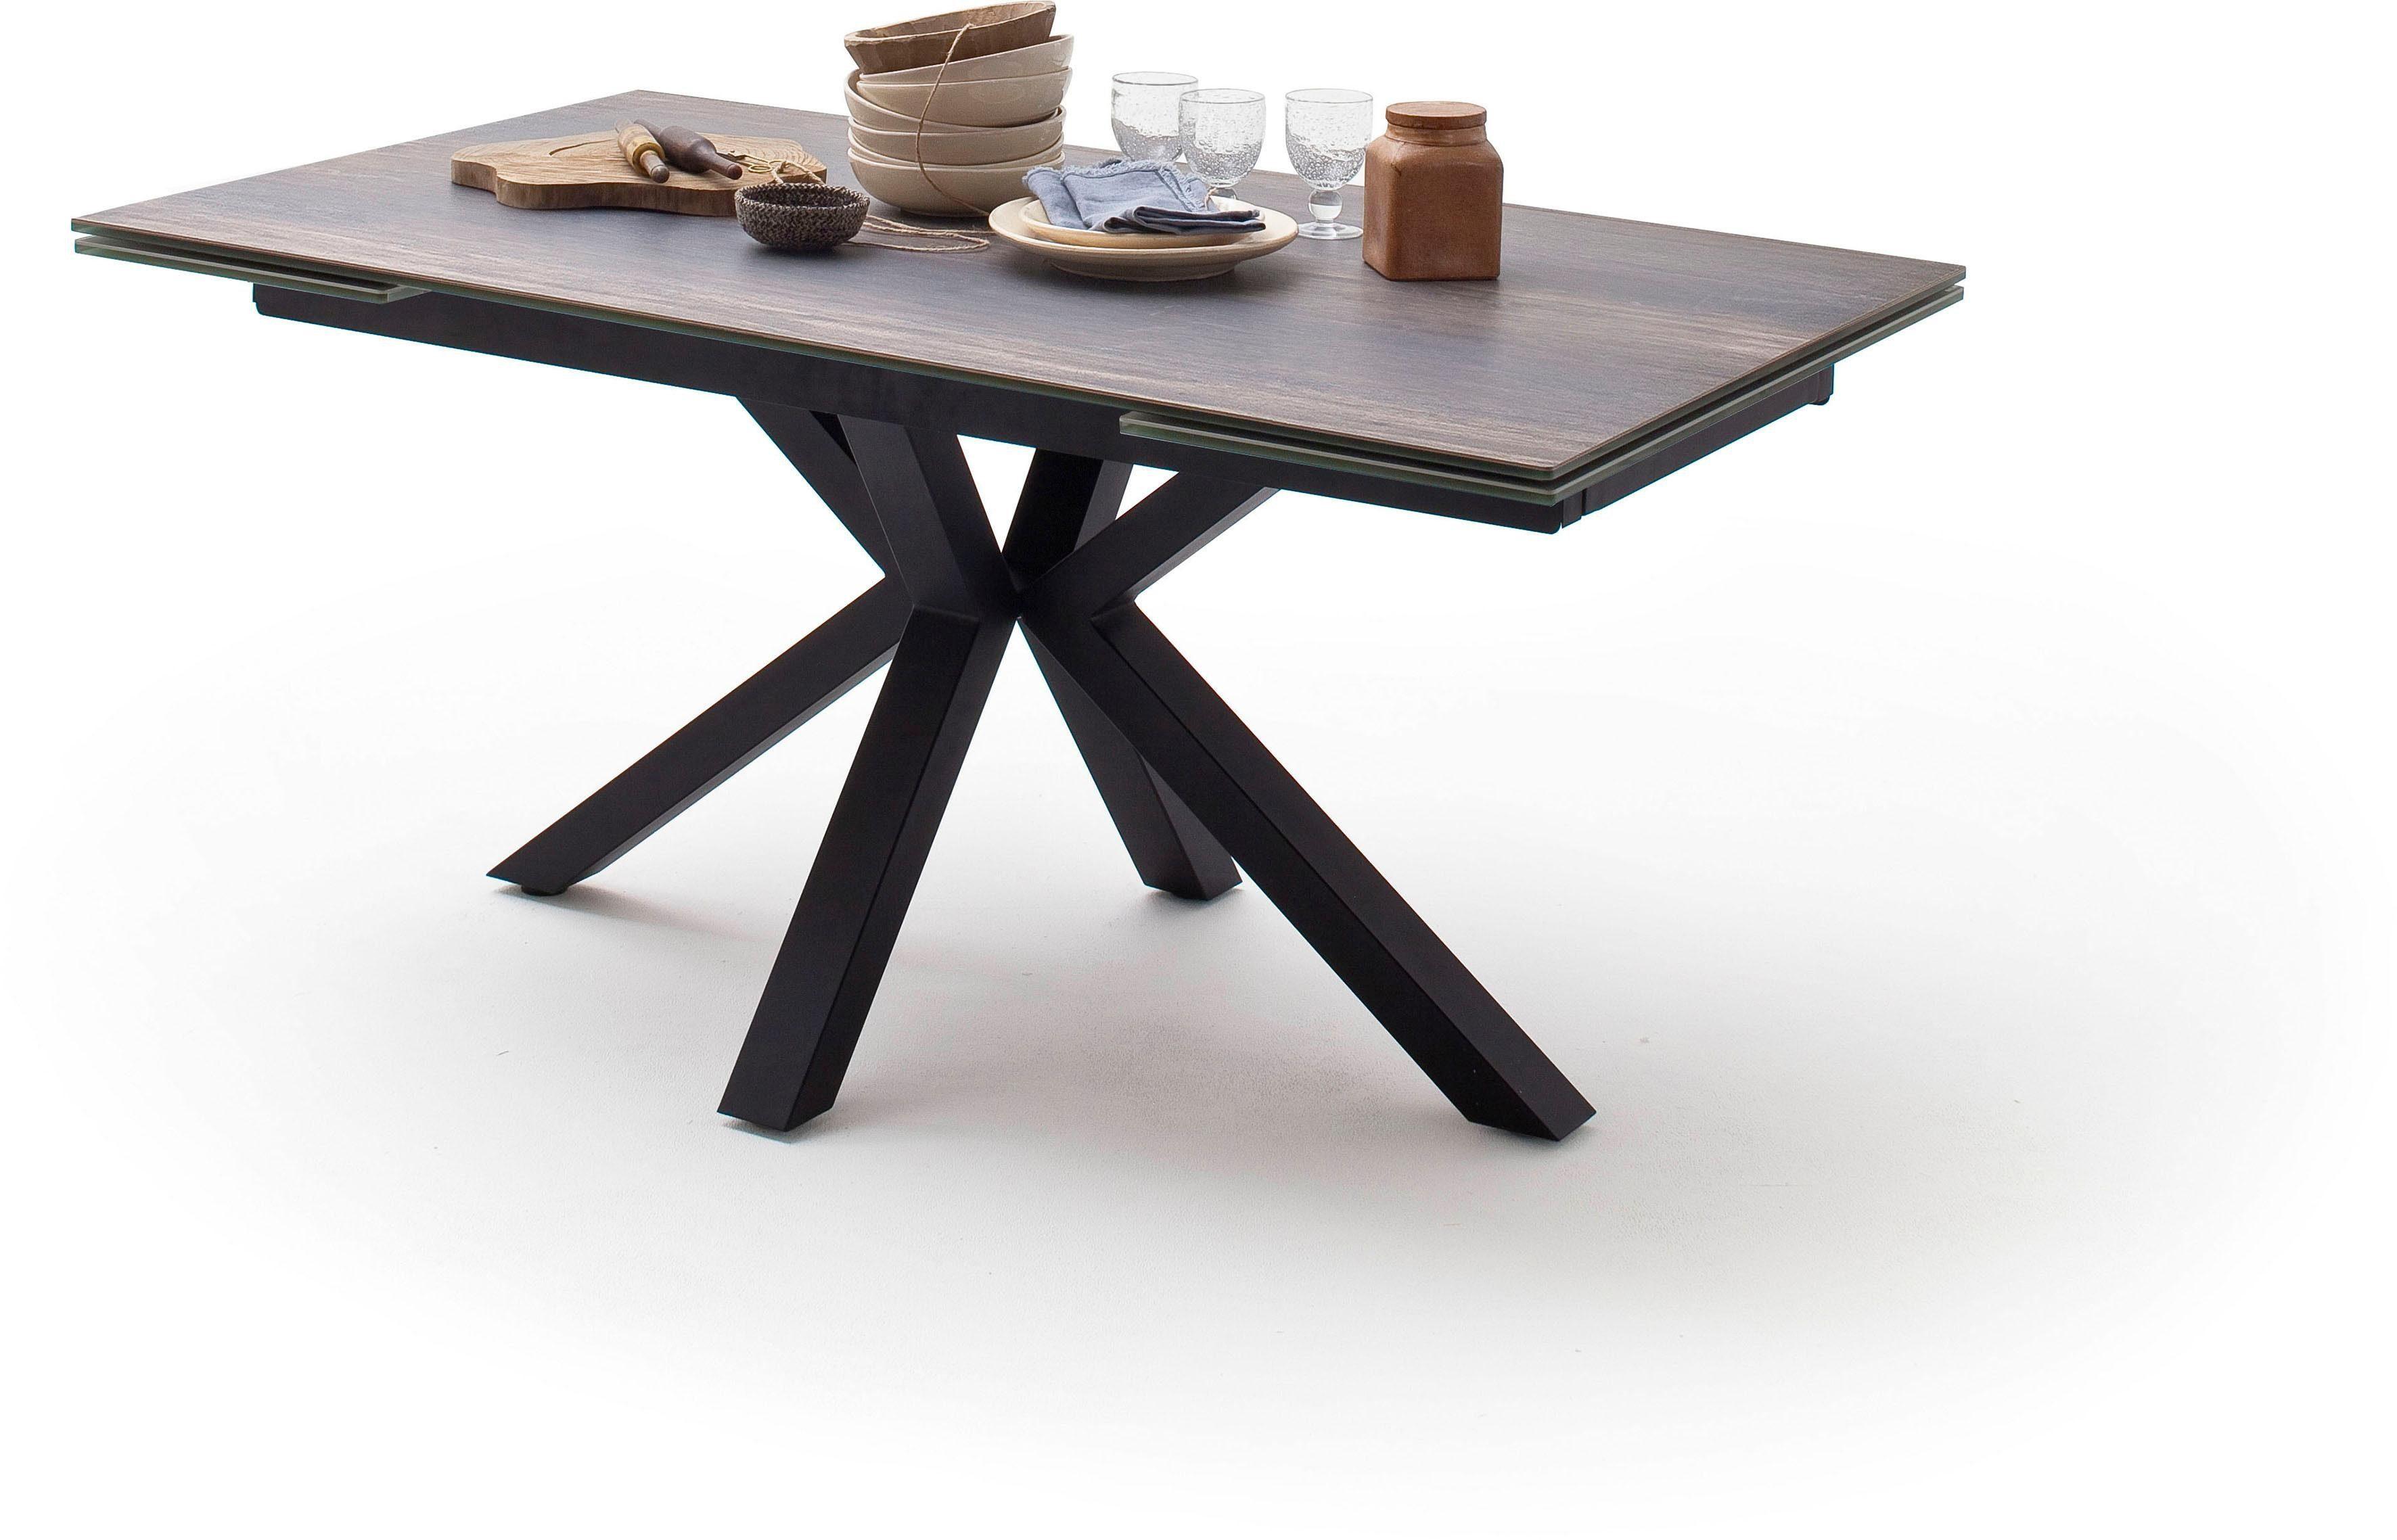 MCA furniture Esstisch »Nagano«, Esstisch Glas Keramik mit Stirnauszug online kaufen | OTTO